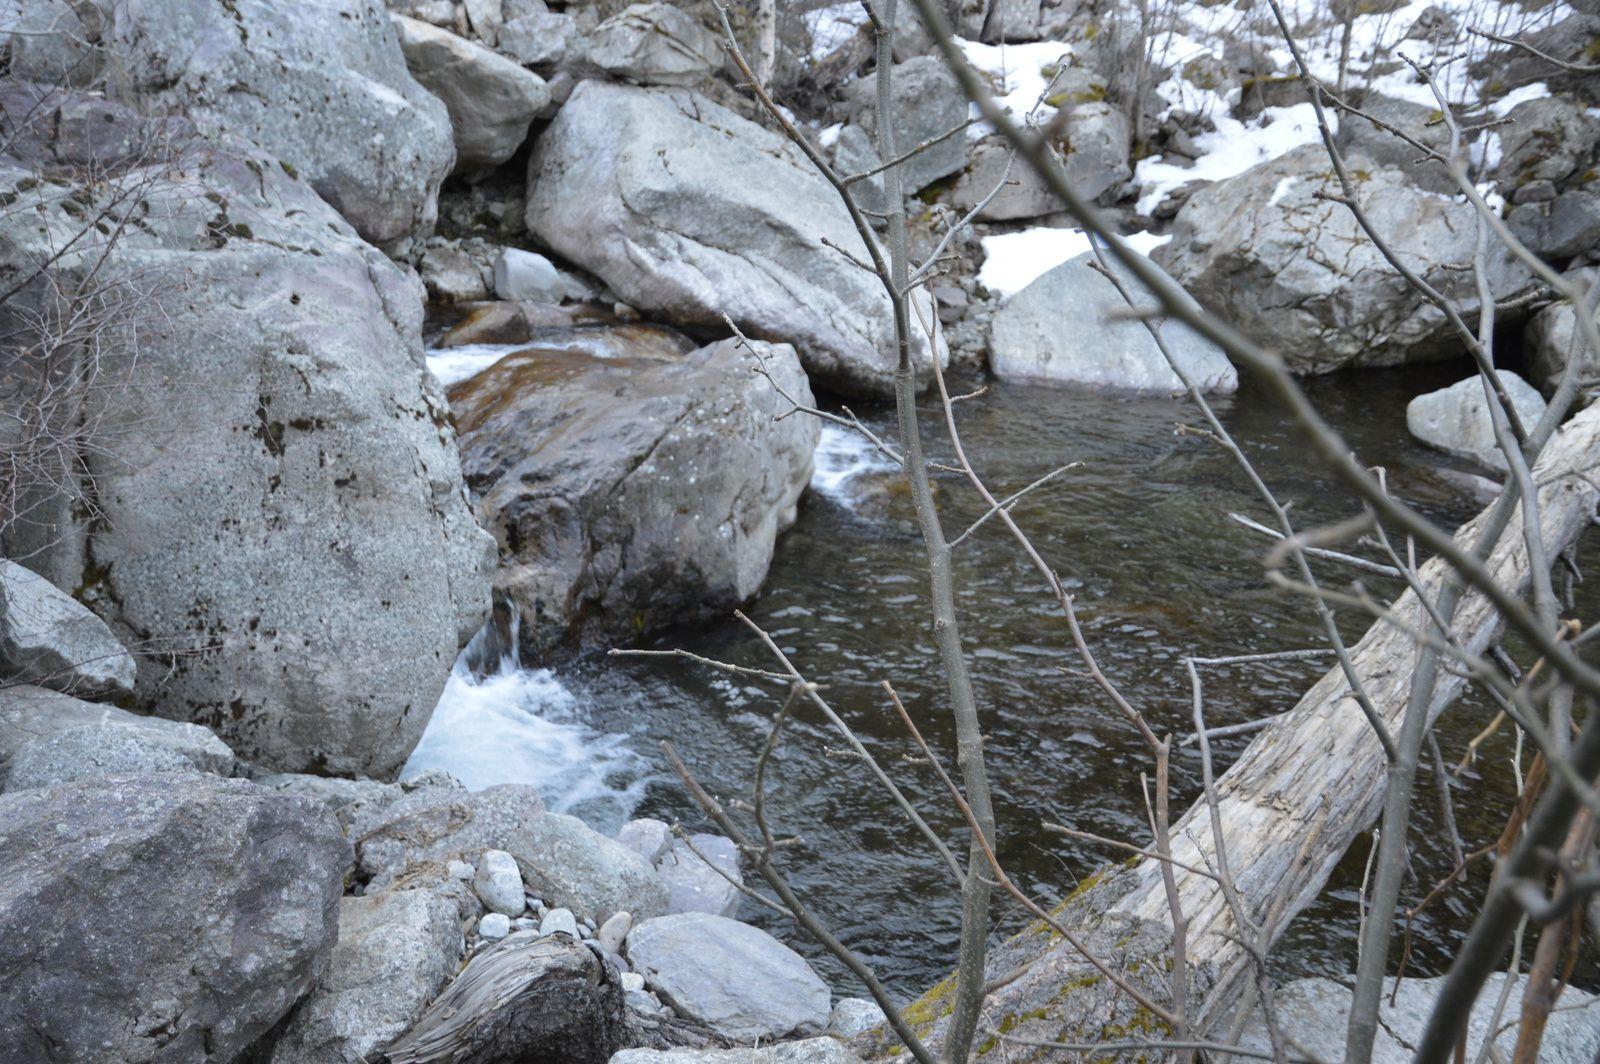 Peche de la truite sur un parcours costaud le 16 mars 2014